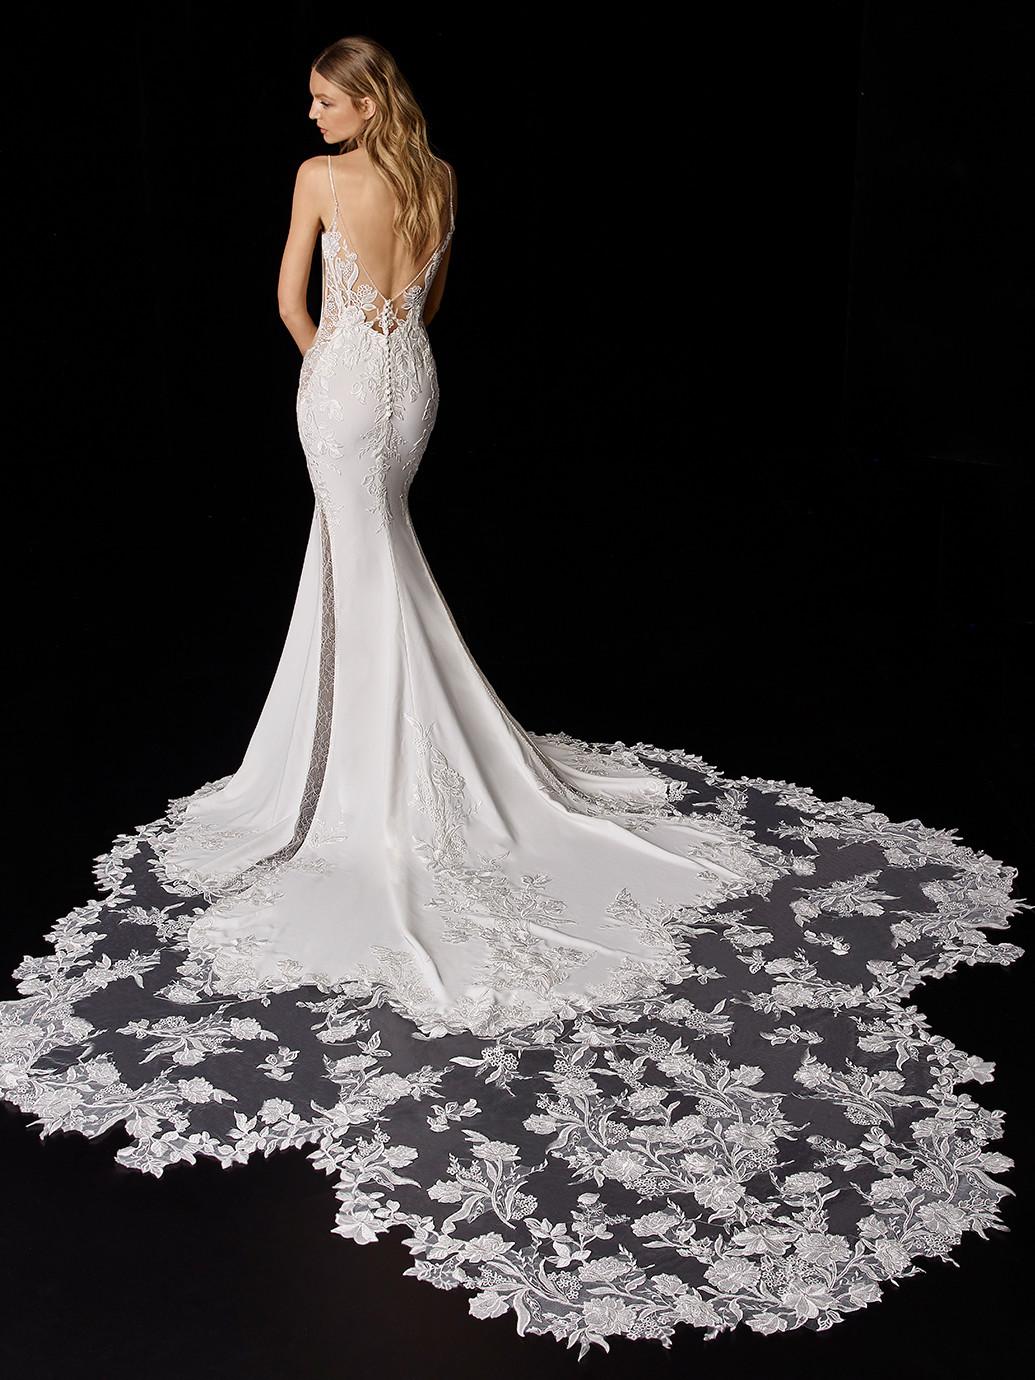 Weißes Hochzeitskleid im Fit-and-Flare-Schnitt mit transparentem Spitzentop von Enzoani, Modell Pierette